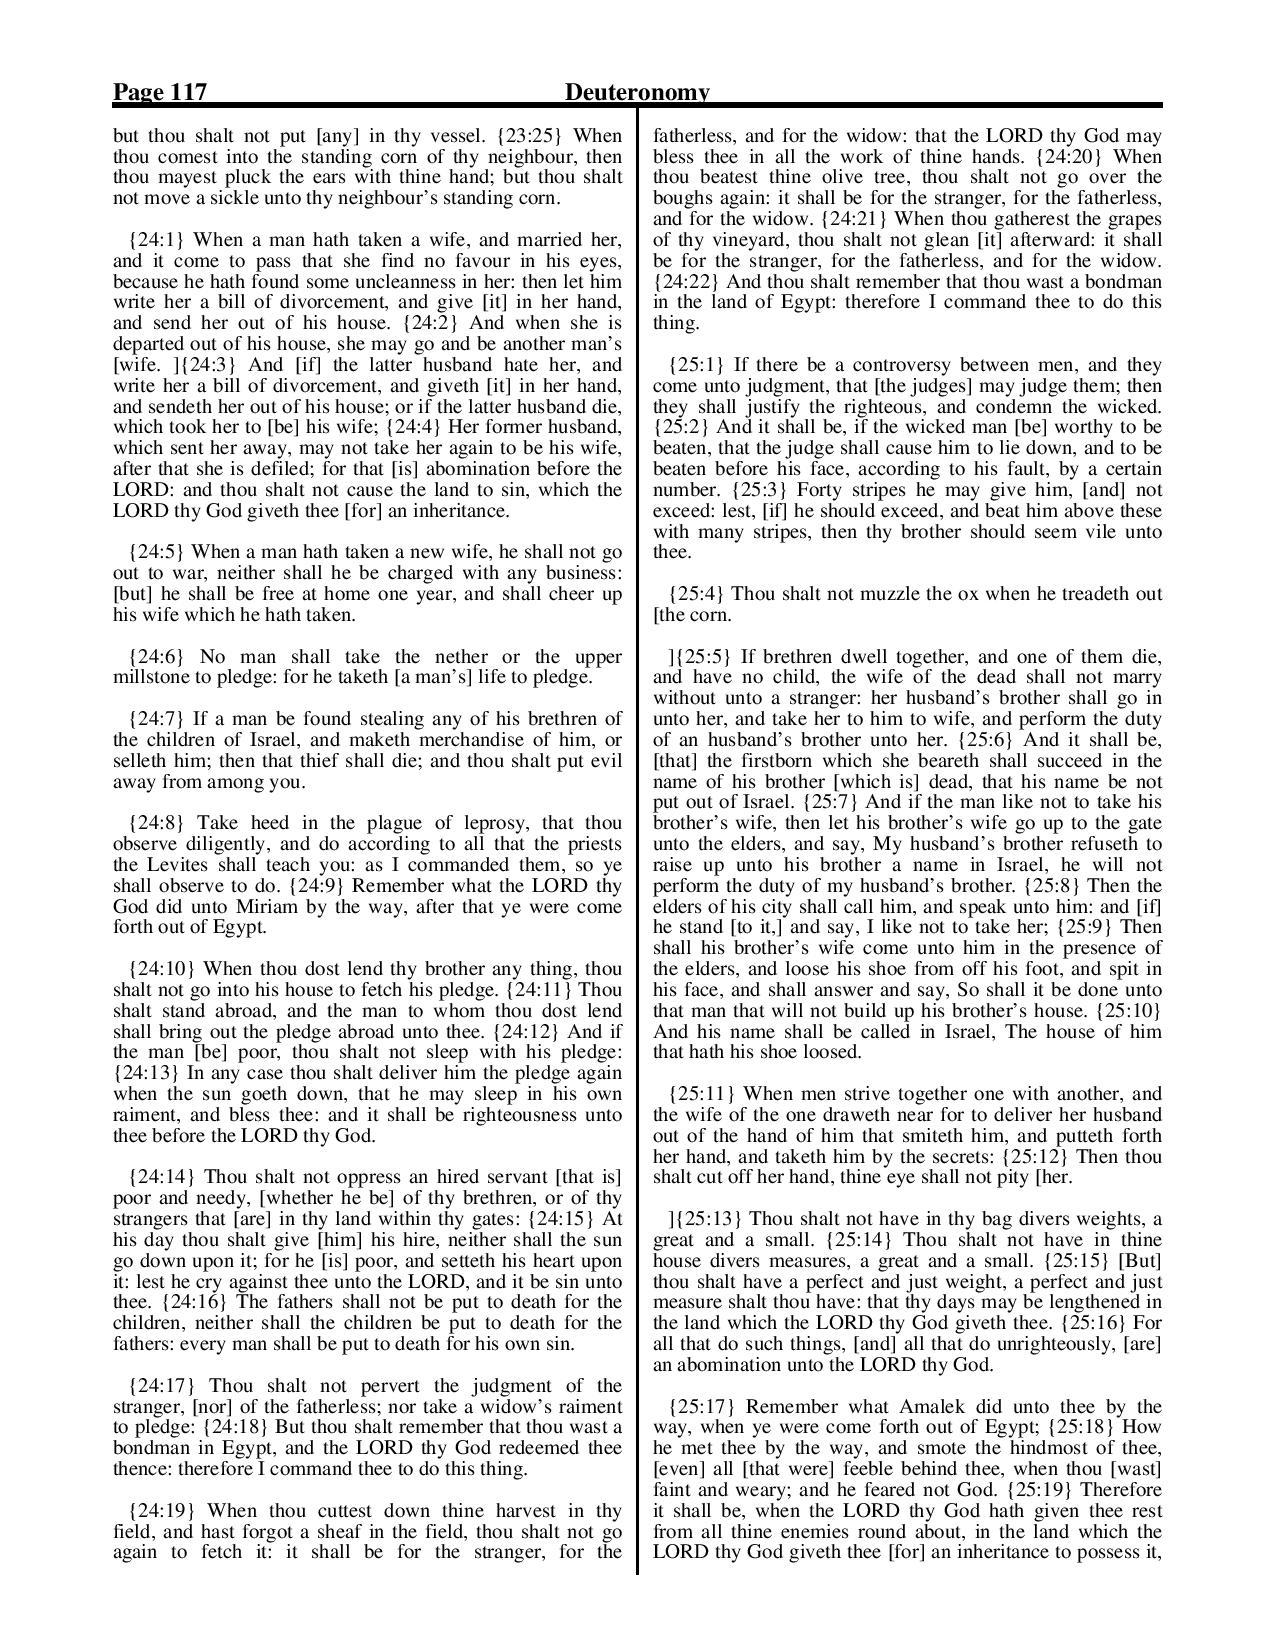 King-James-Bible-KJV-Bible-PDF-page-138